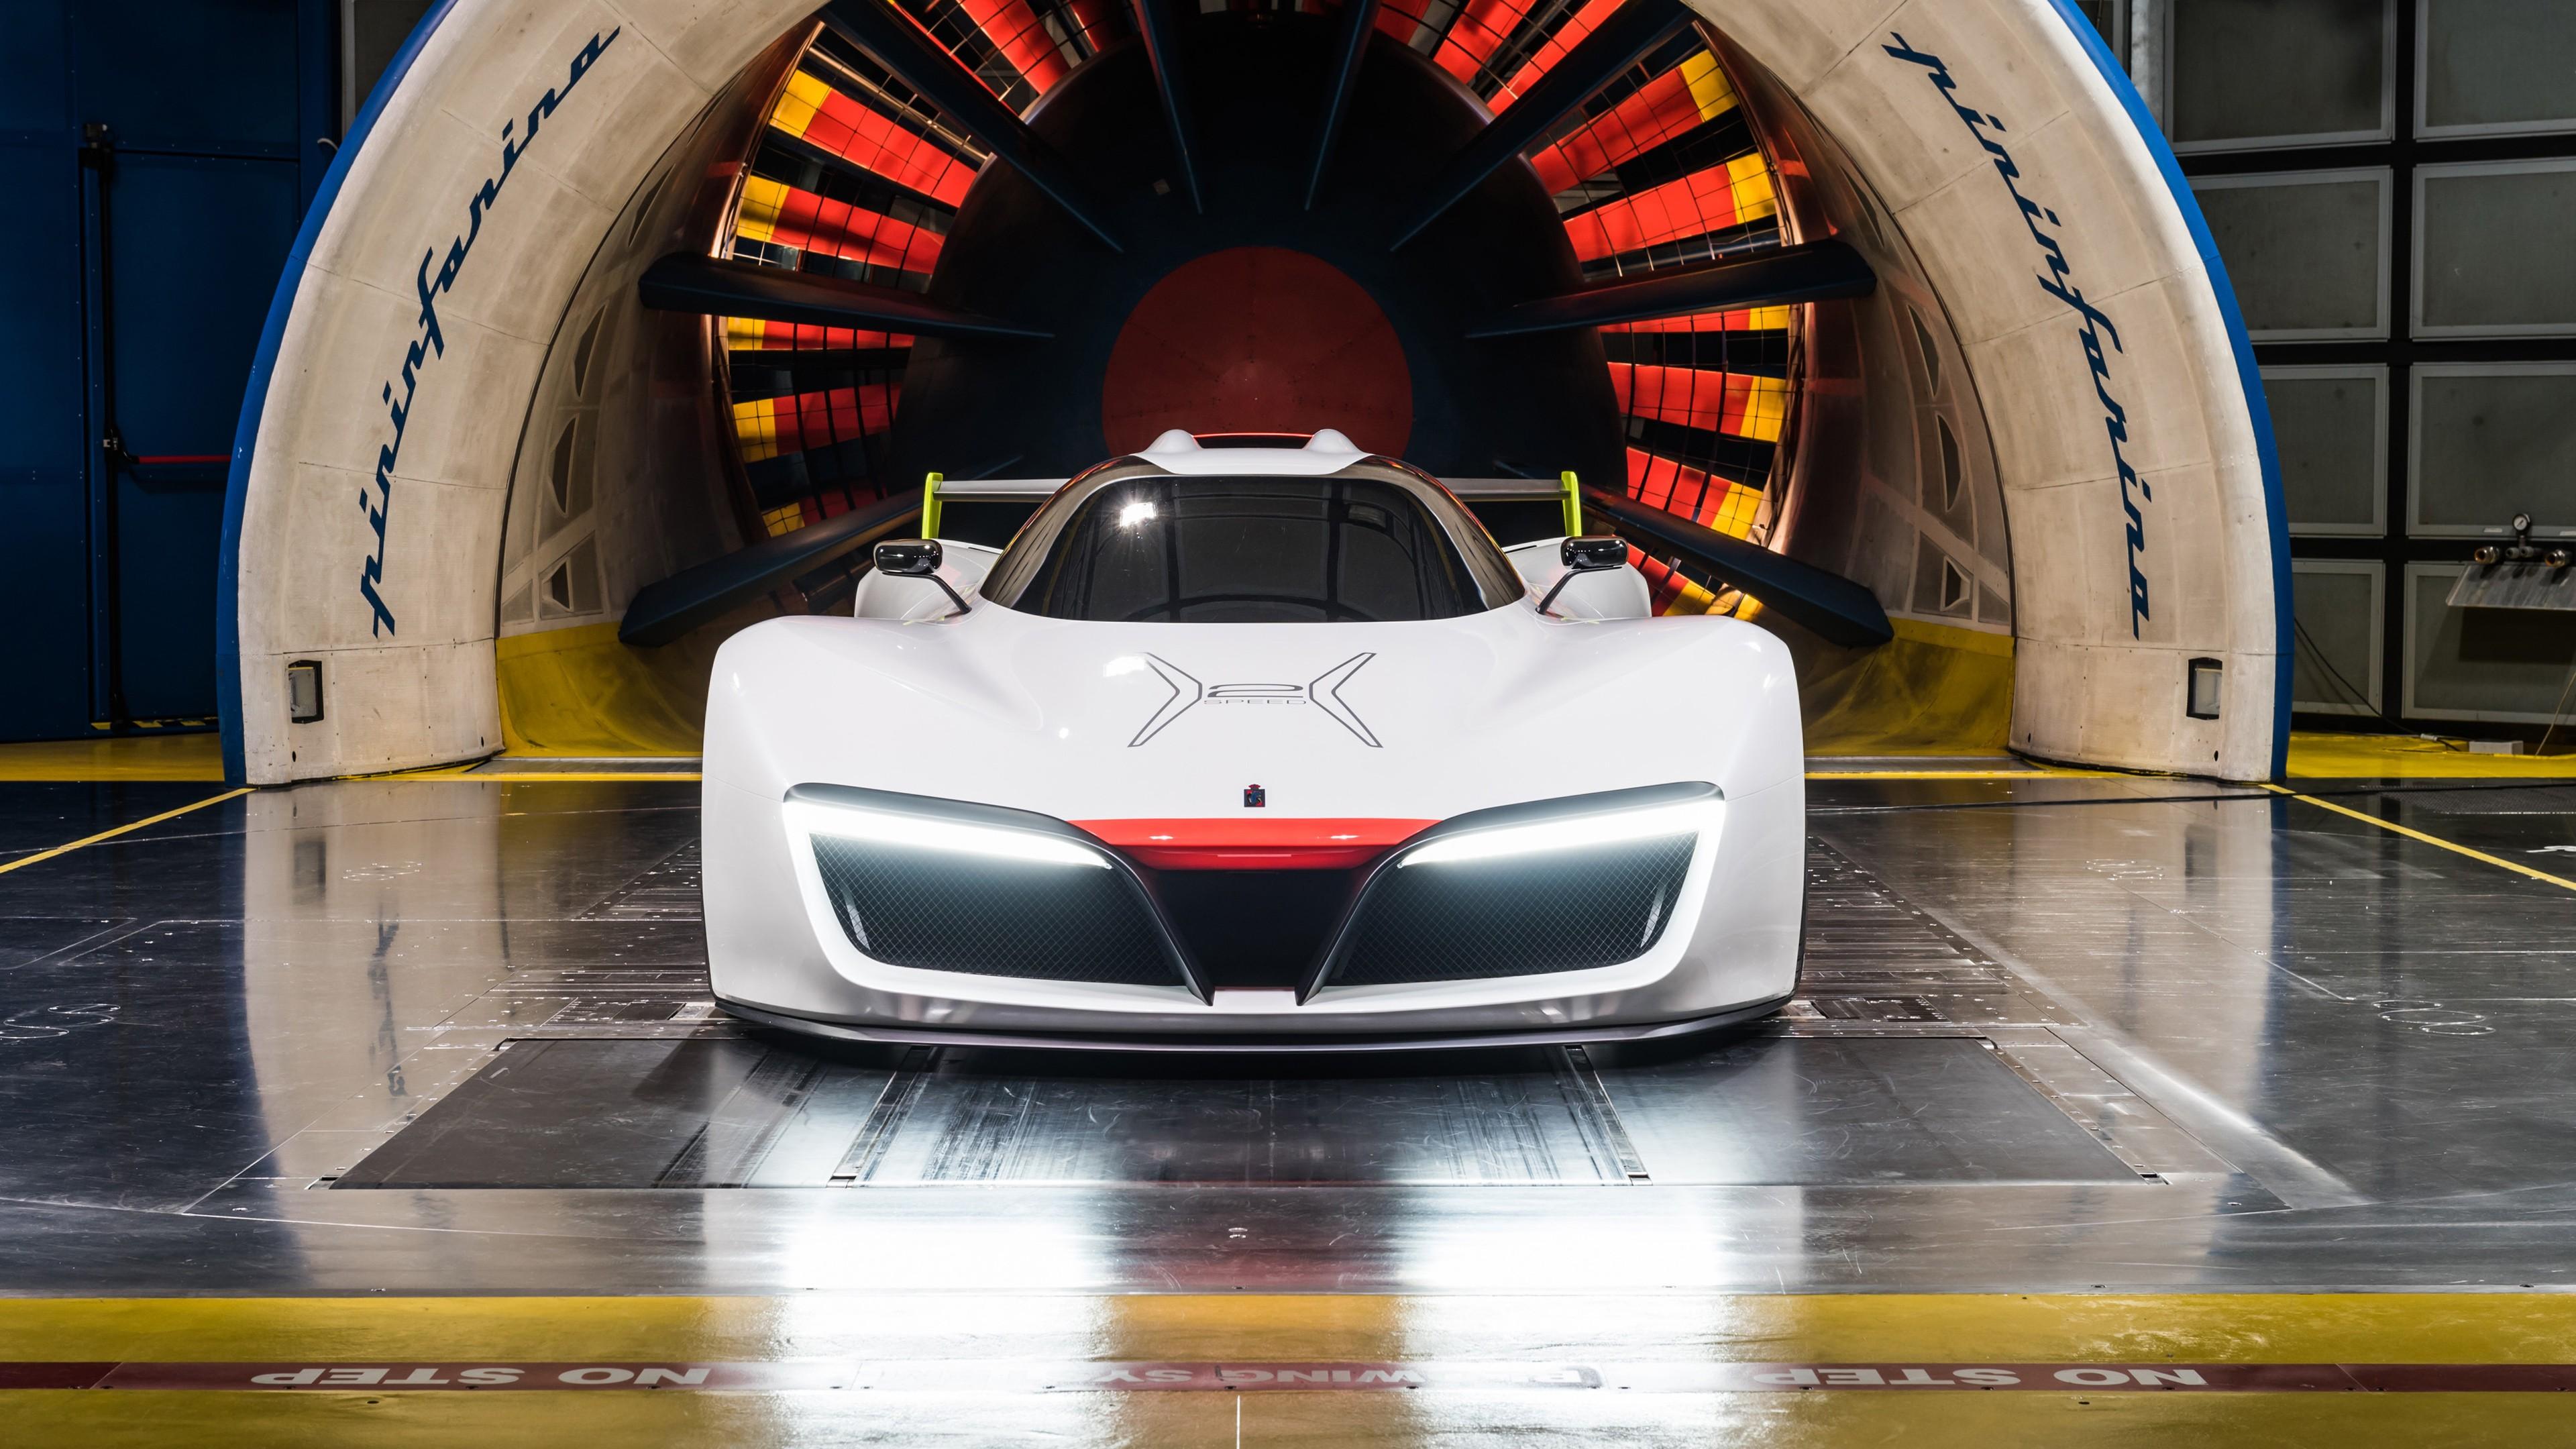 Pininfarina H2 Speed Supercar Wallpaper Hd Car